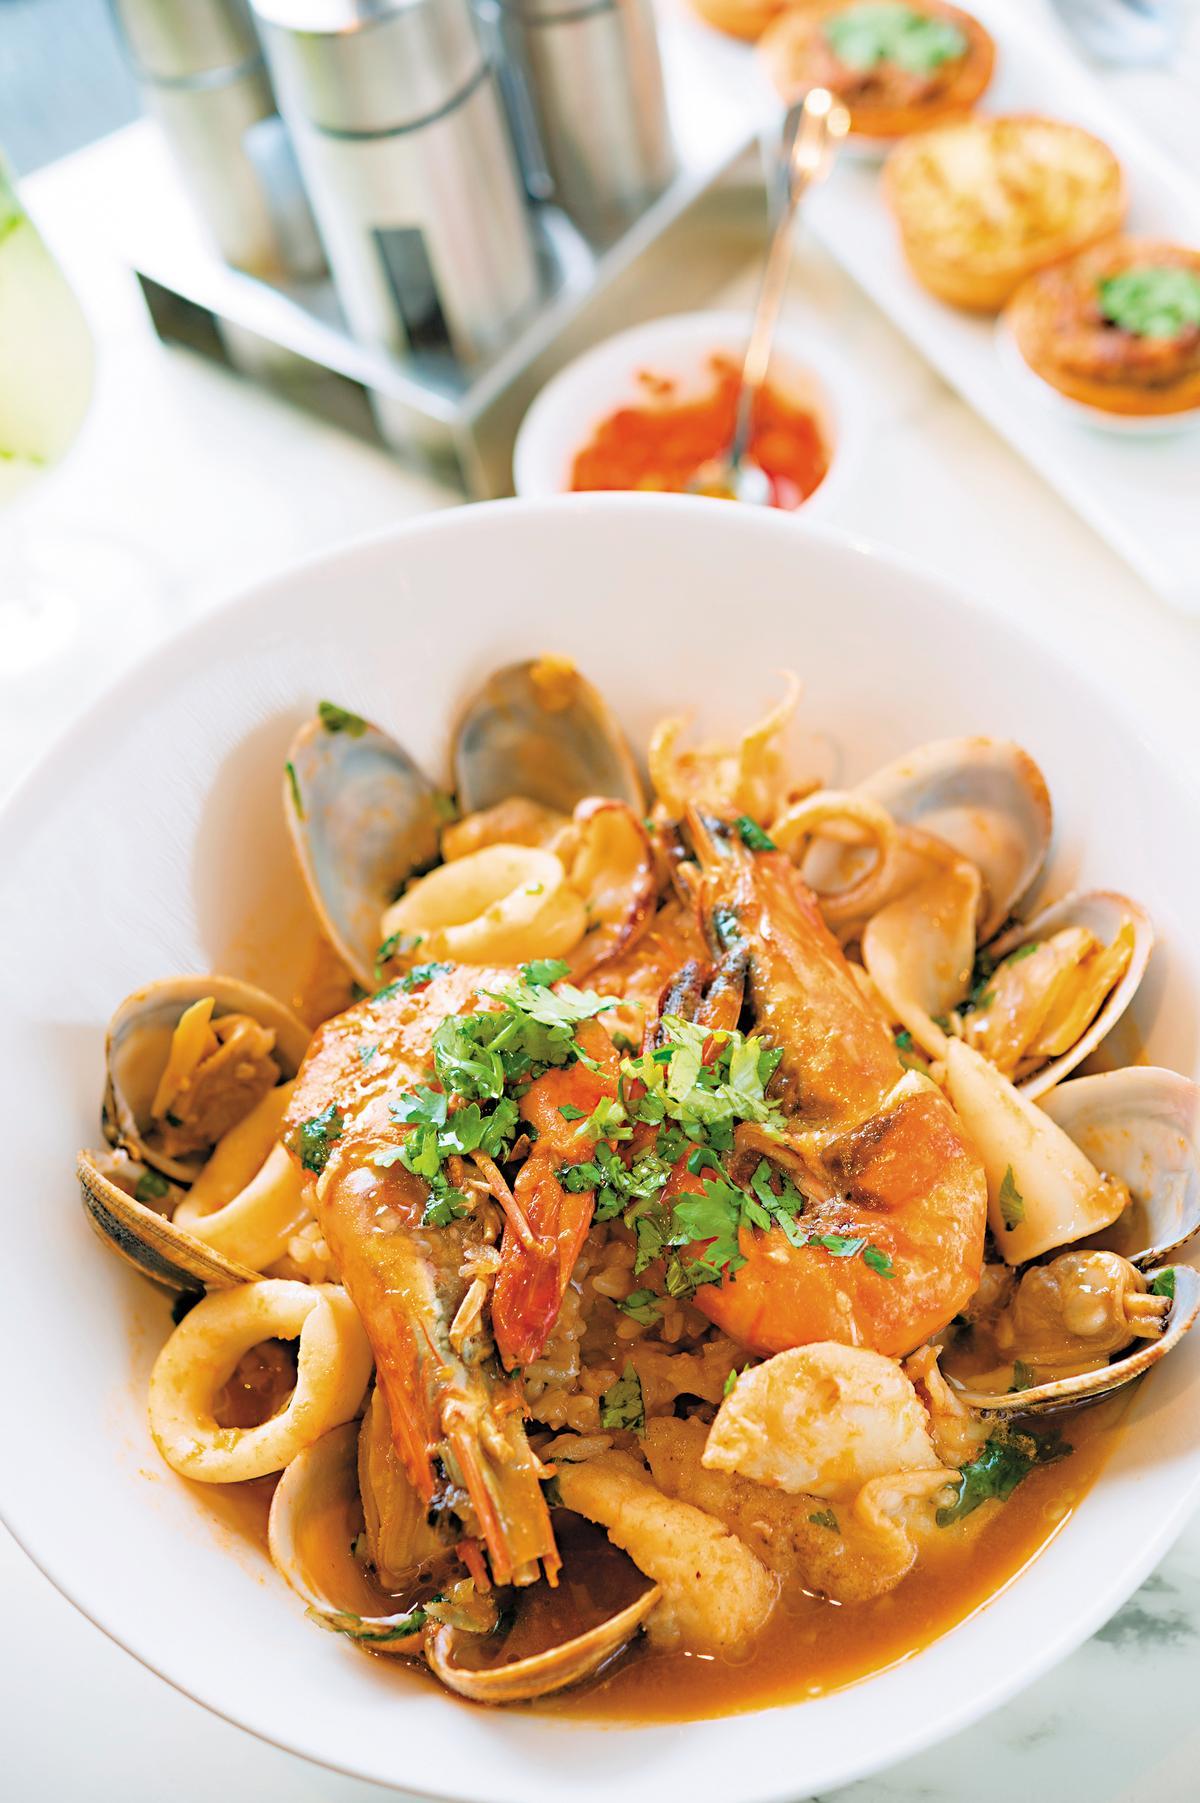 「葡式海鮮飯」新鮮料足,傳承主廚血液裡的飲食文化。(澳門幣128元/份,約NT$481)